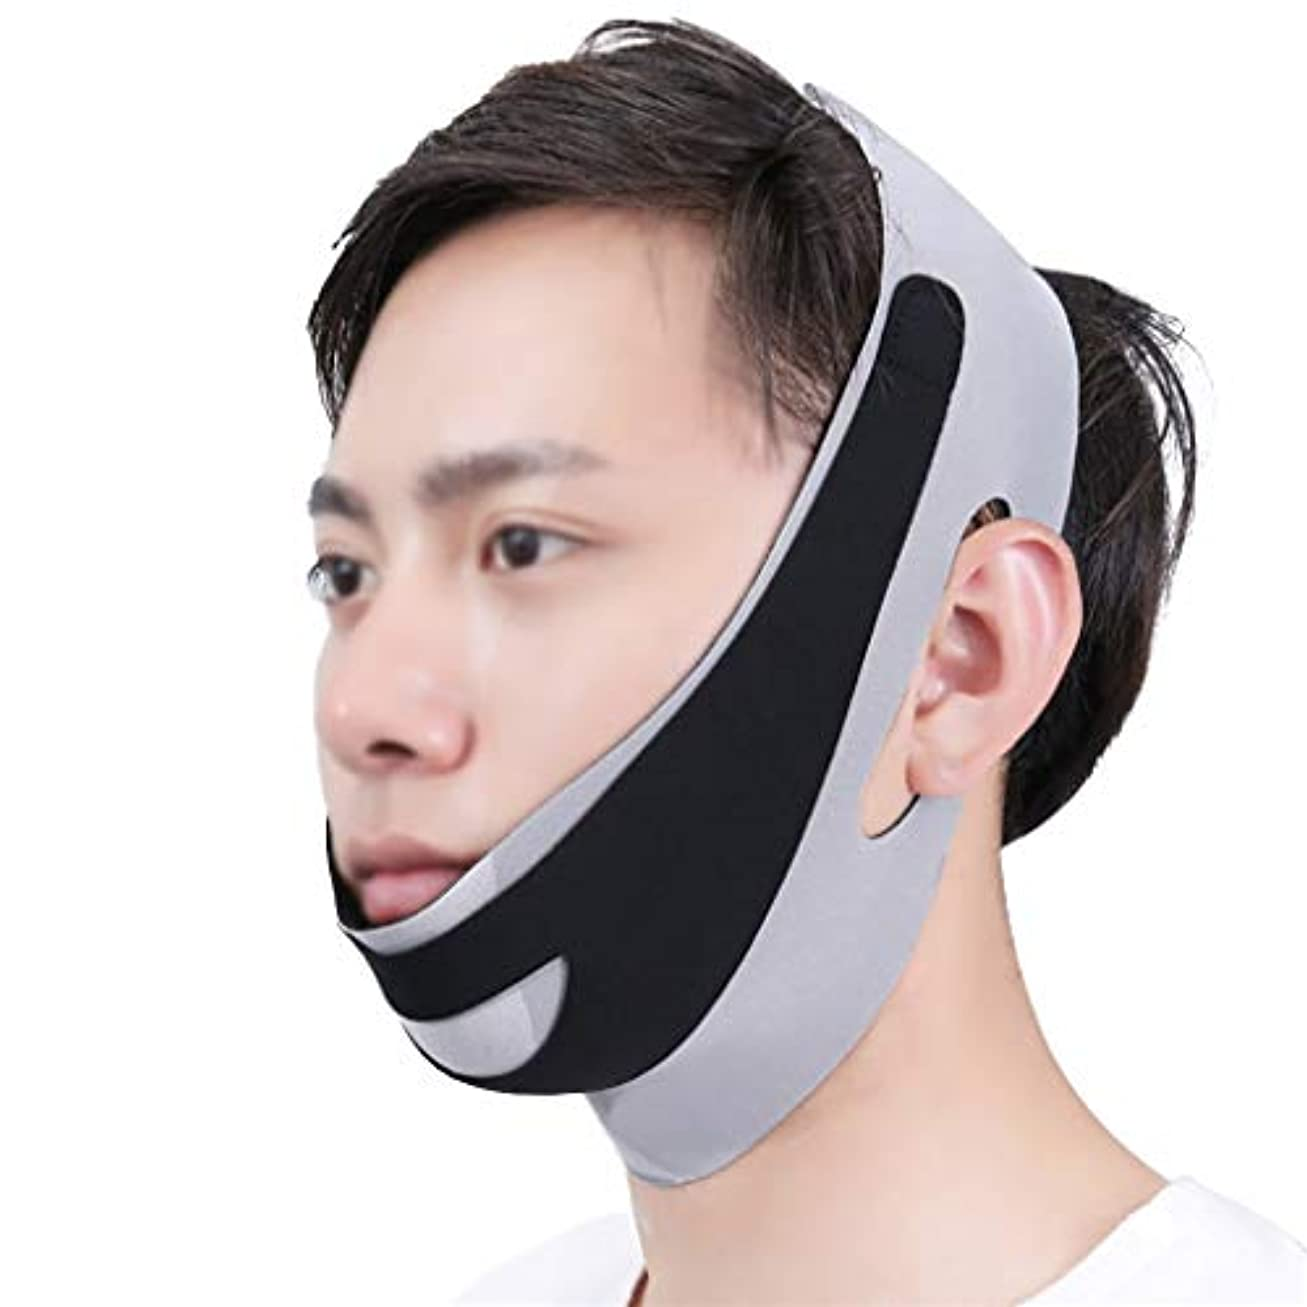 ベッドを作る最大の会議顔と首リフト術後弾性顔マスク小さなV顔アーティファクト薄い顔包帯アーティファクトV顔吊り耳リフティング引き締め男性の顔アーティファクト